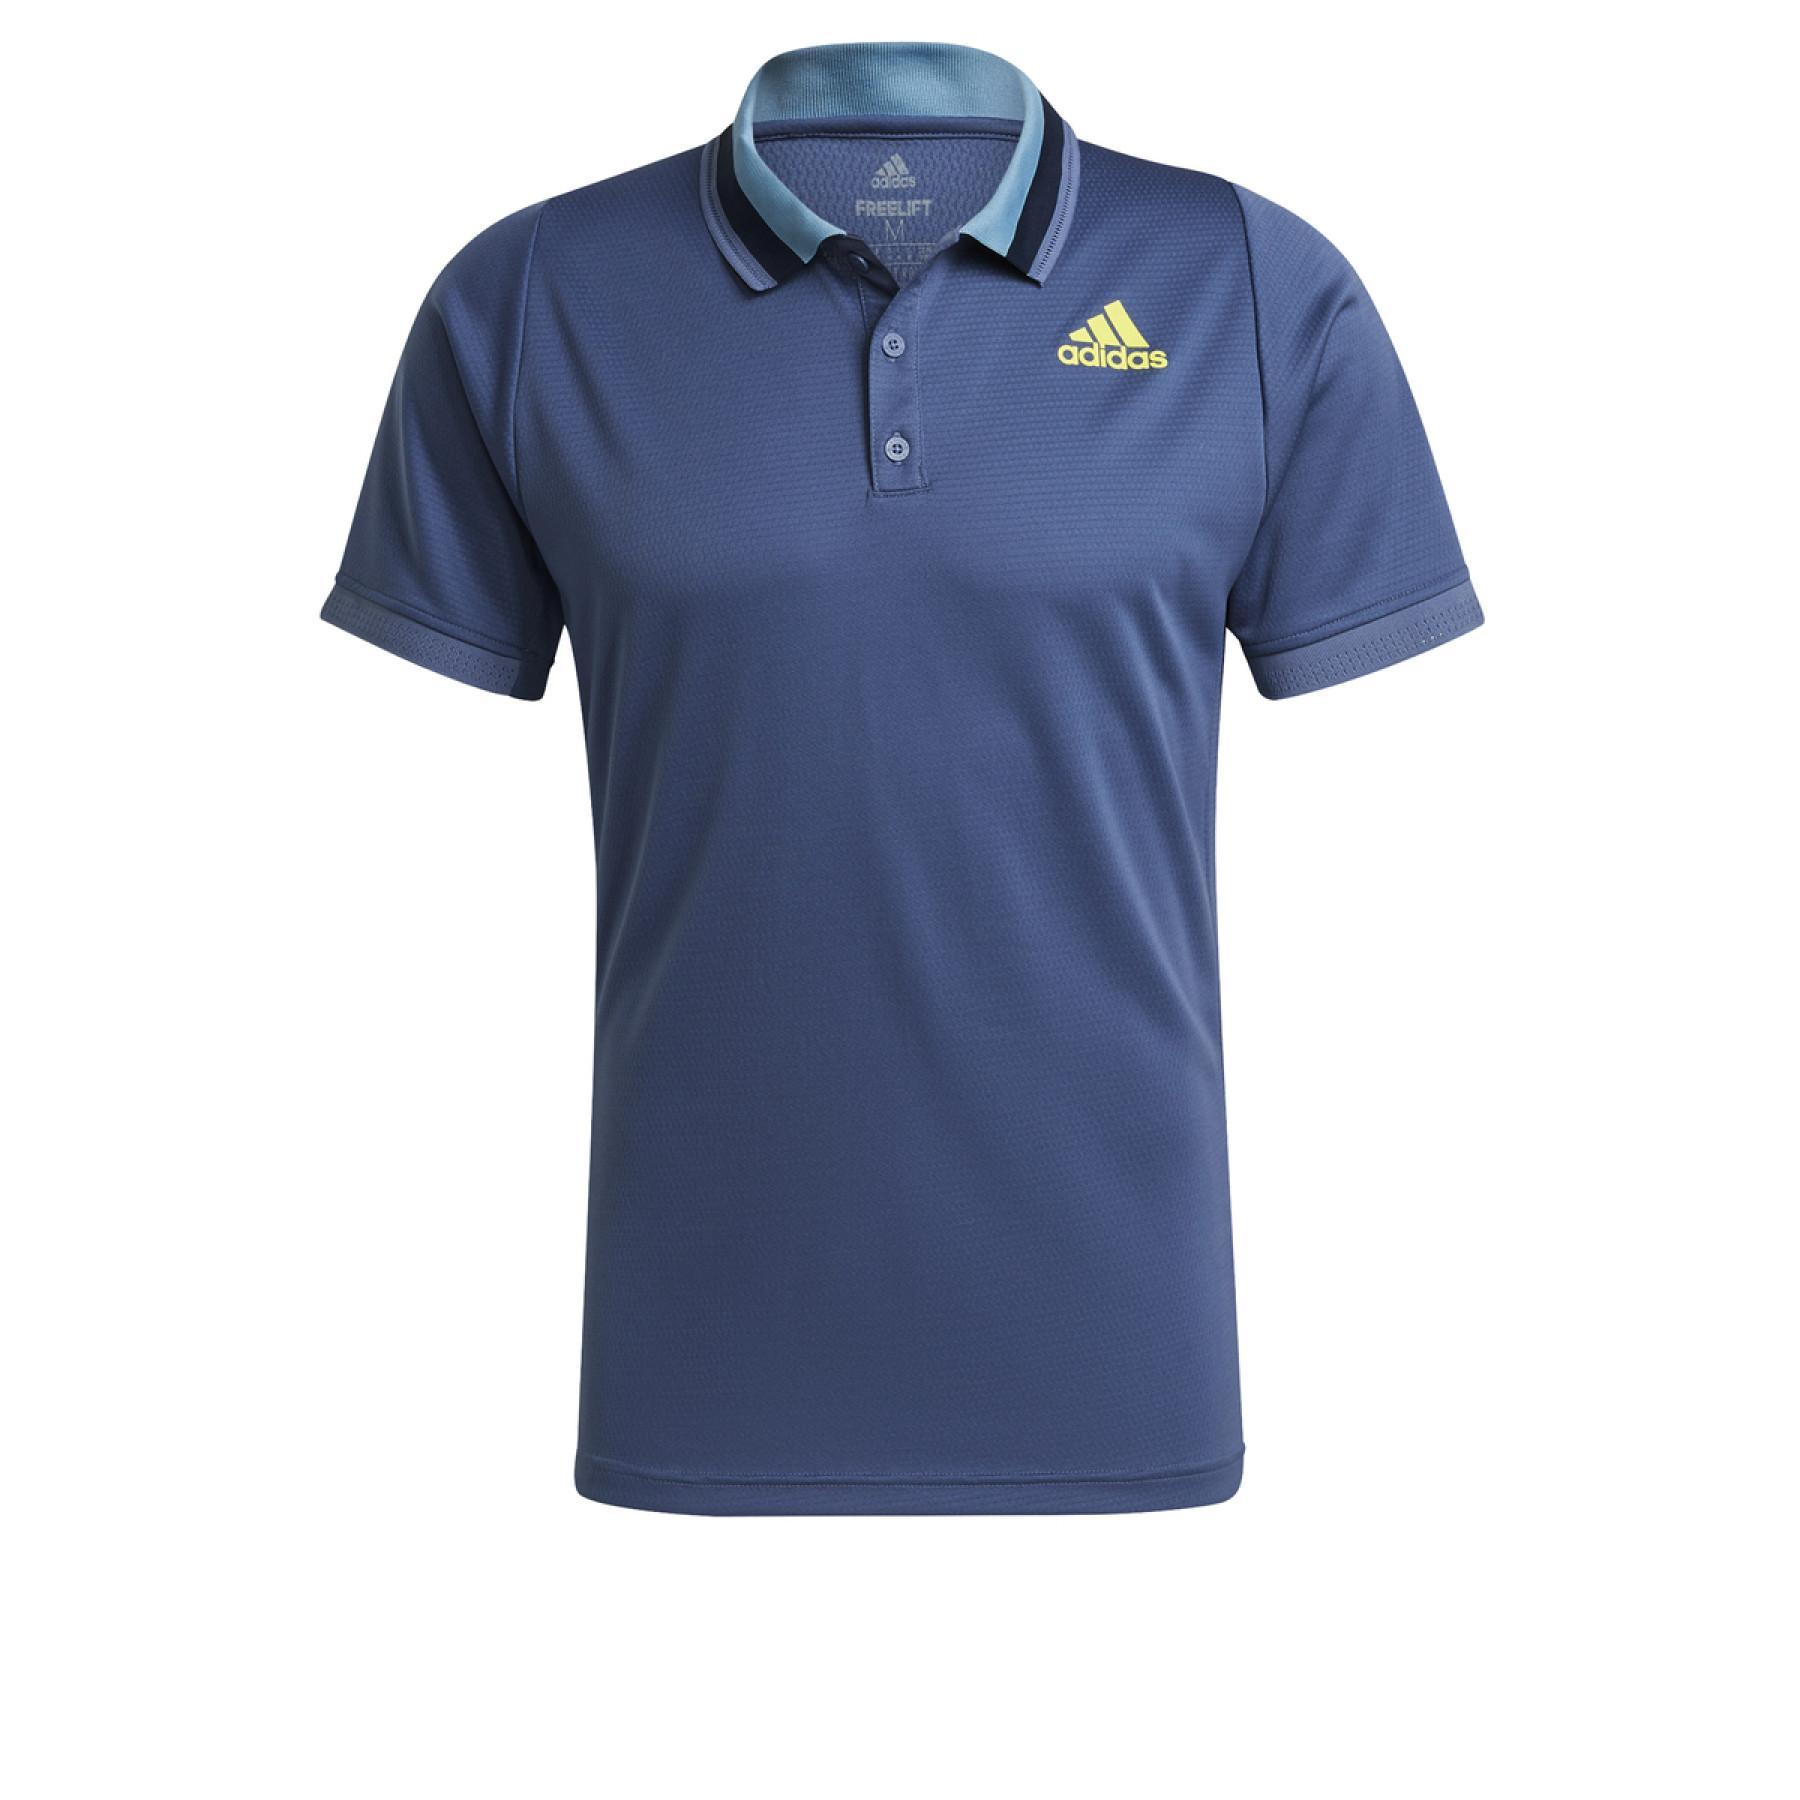 Polo adidas Tennis Freelift Primeblue Heat Ready